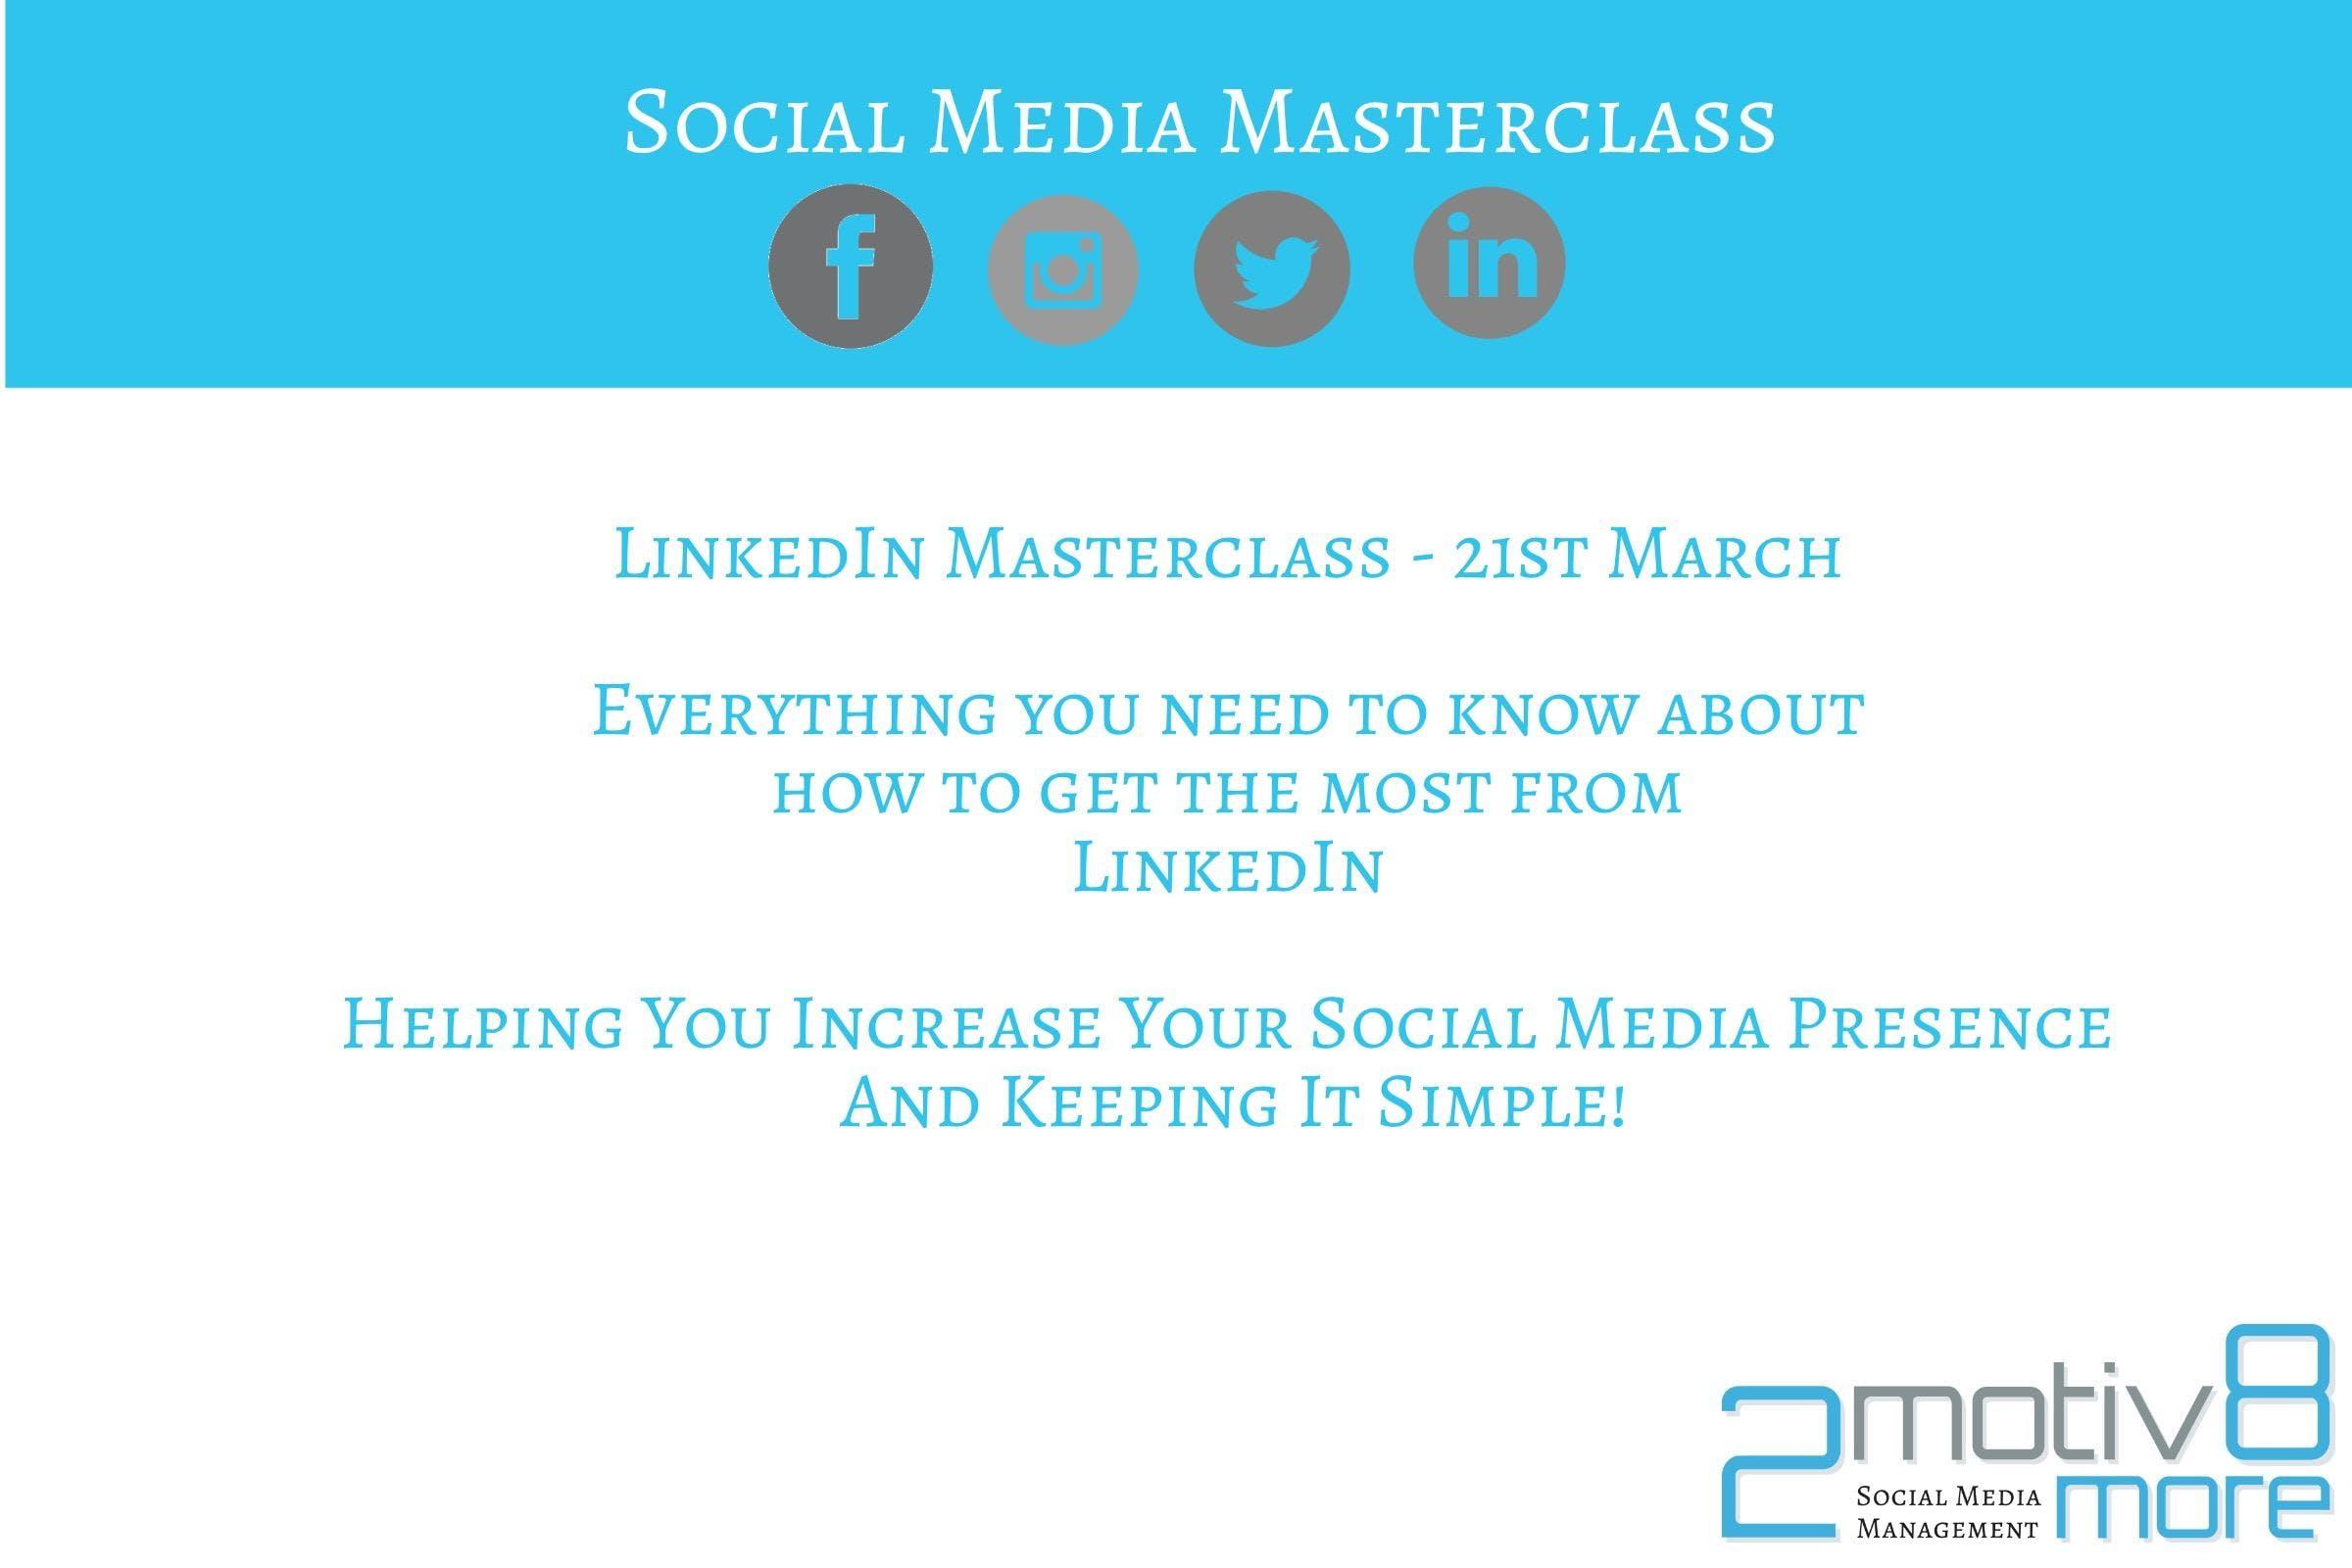 2Motiv8 More Social Media Linkedin Masterclas